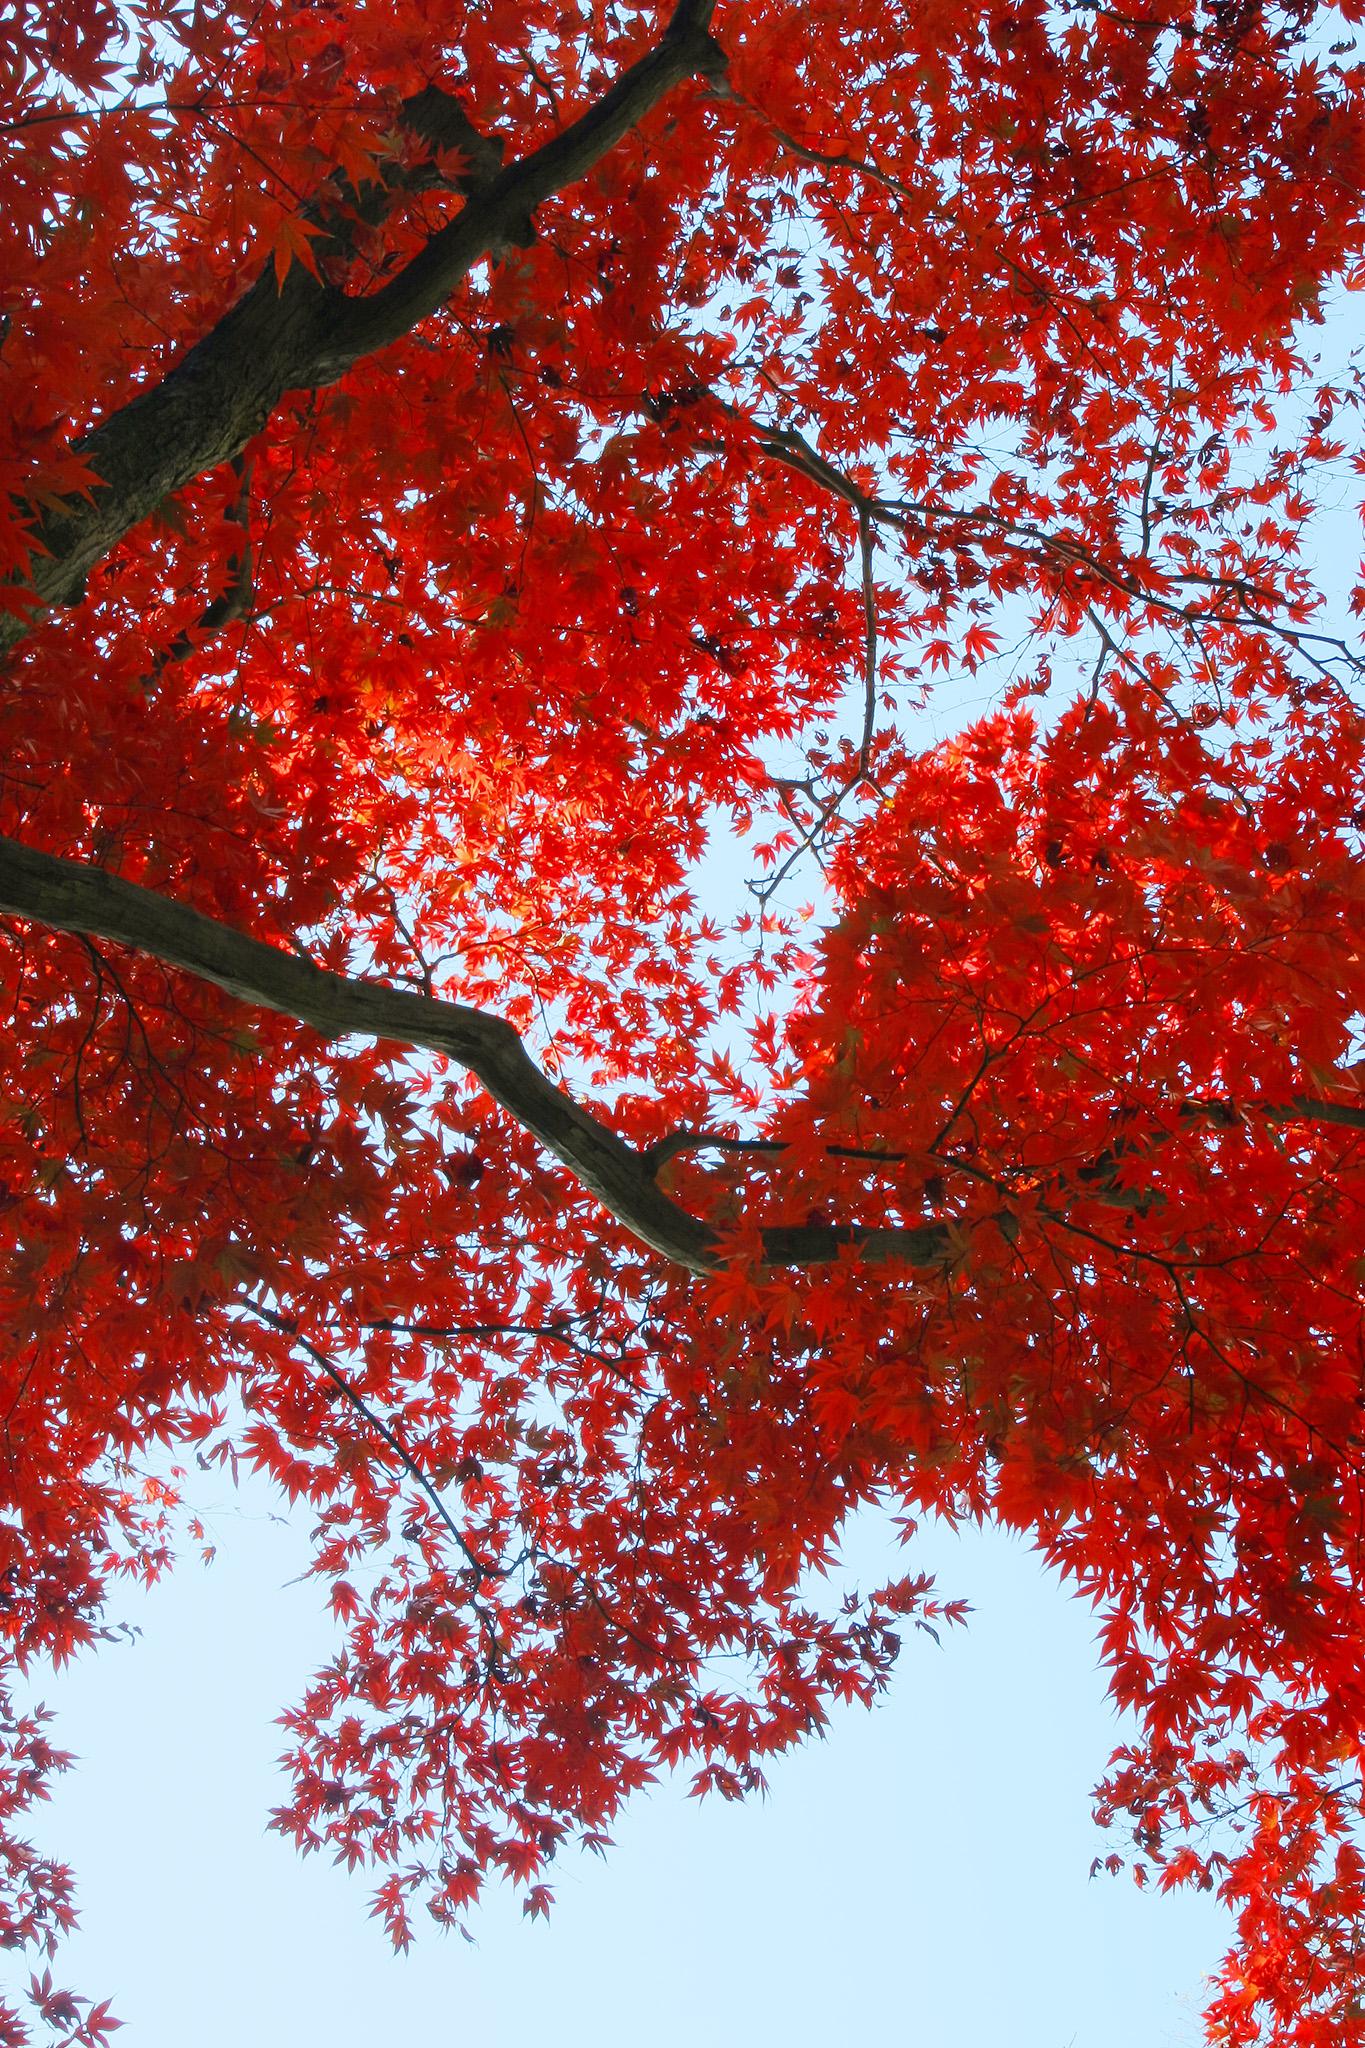 「空から降り落ちる様な紅葉」の画像を無料ダウンロード